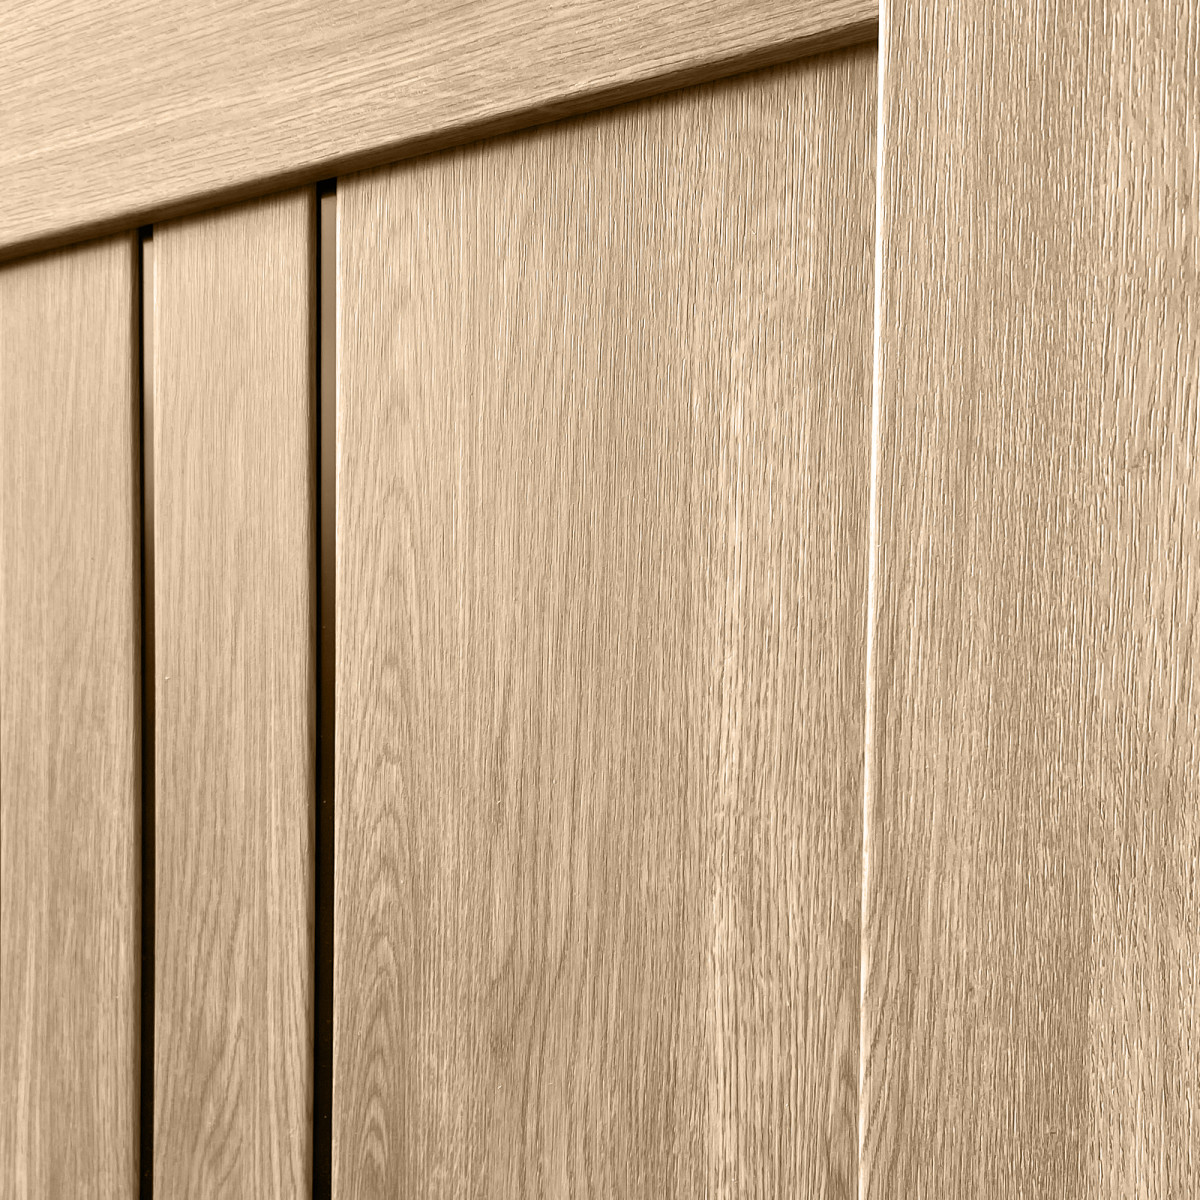 Дверь Межкомнатная Остеклённая Бергамо 90Х200 С Фурнитурой Пвх Цвет Европейский Дуб